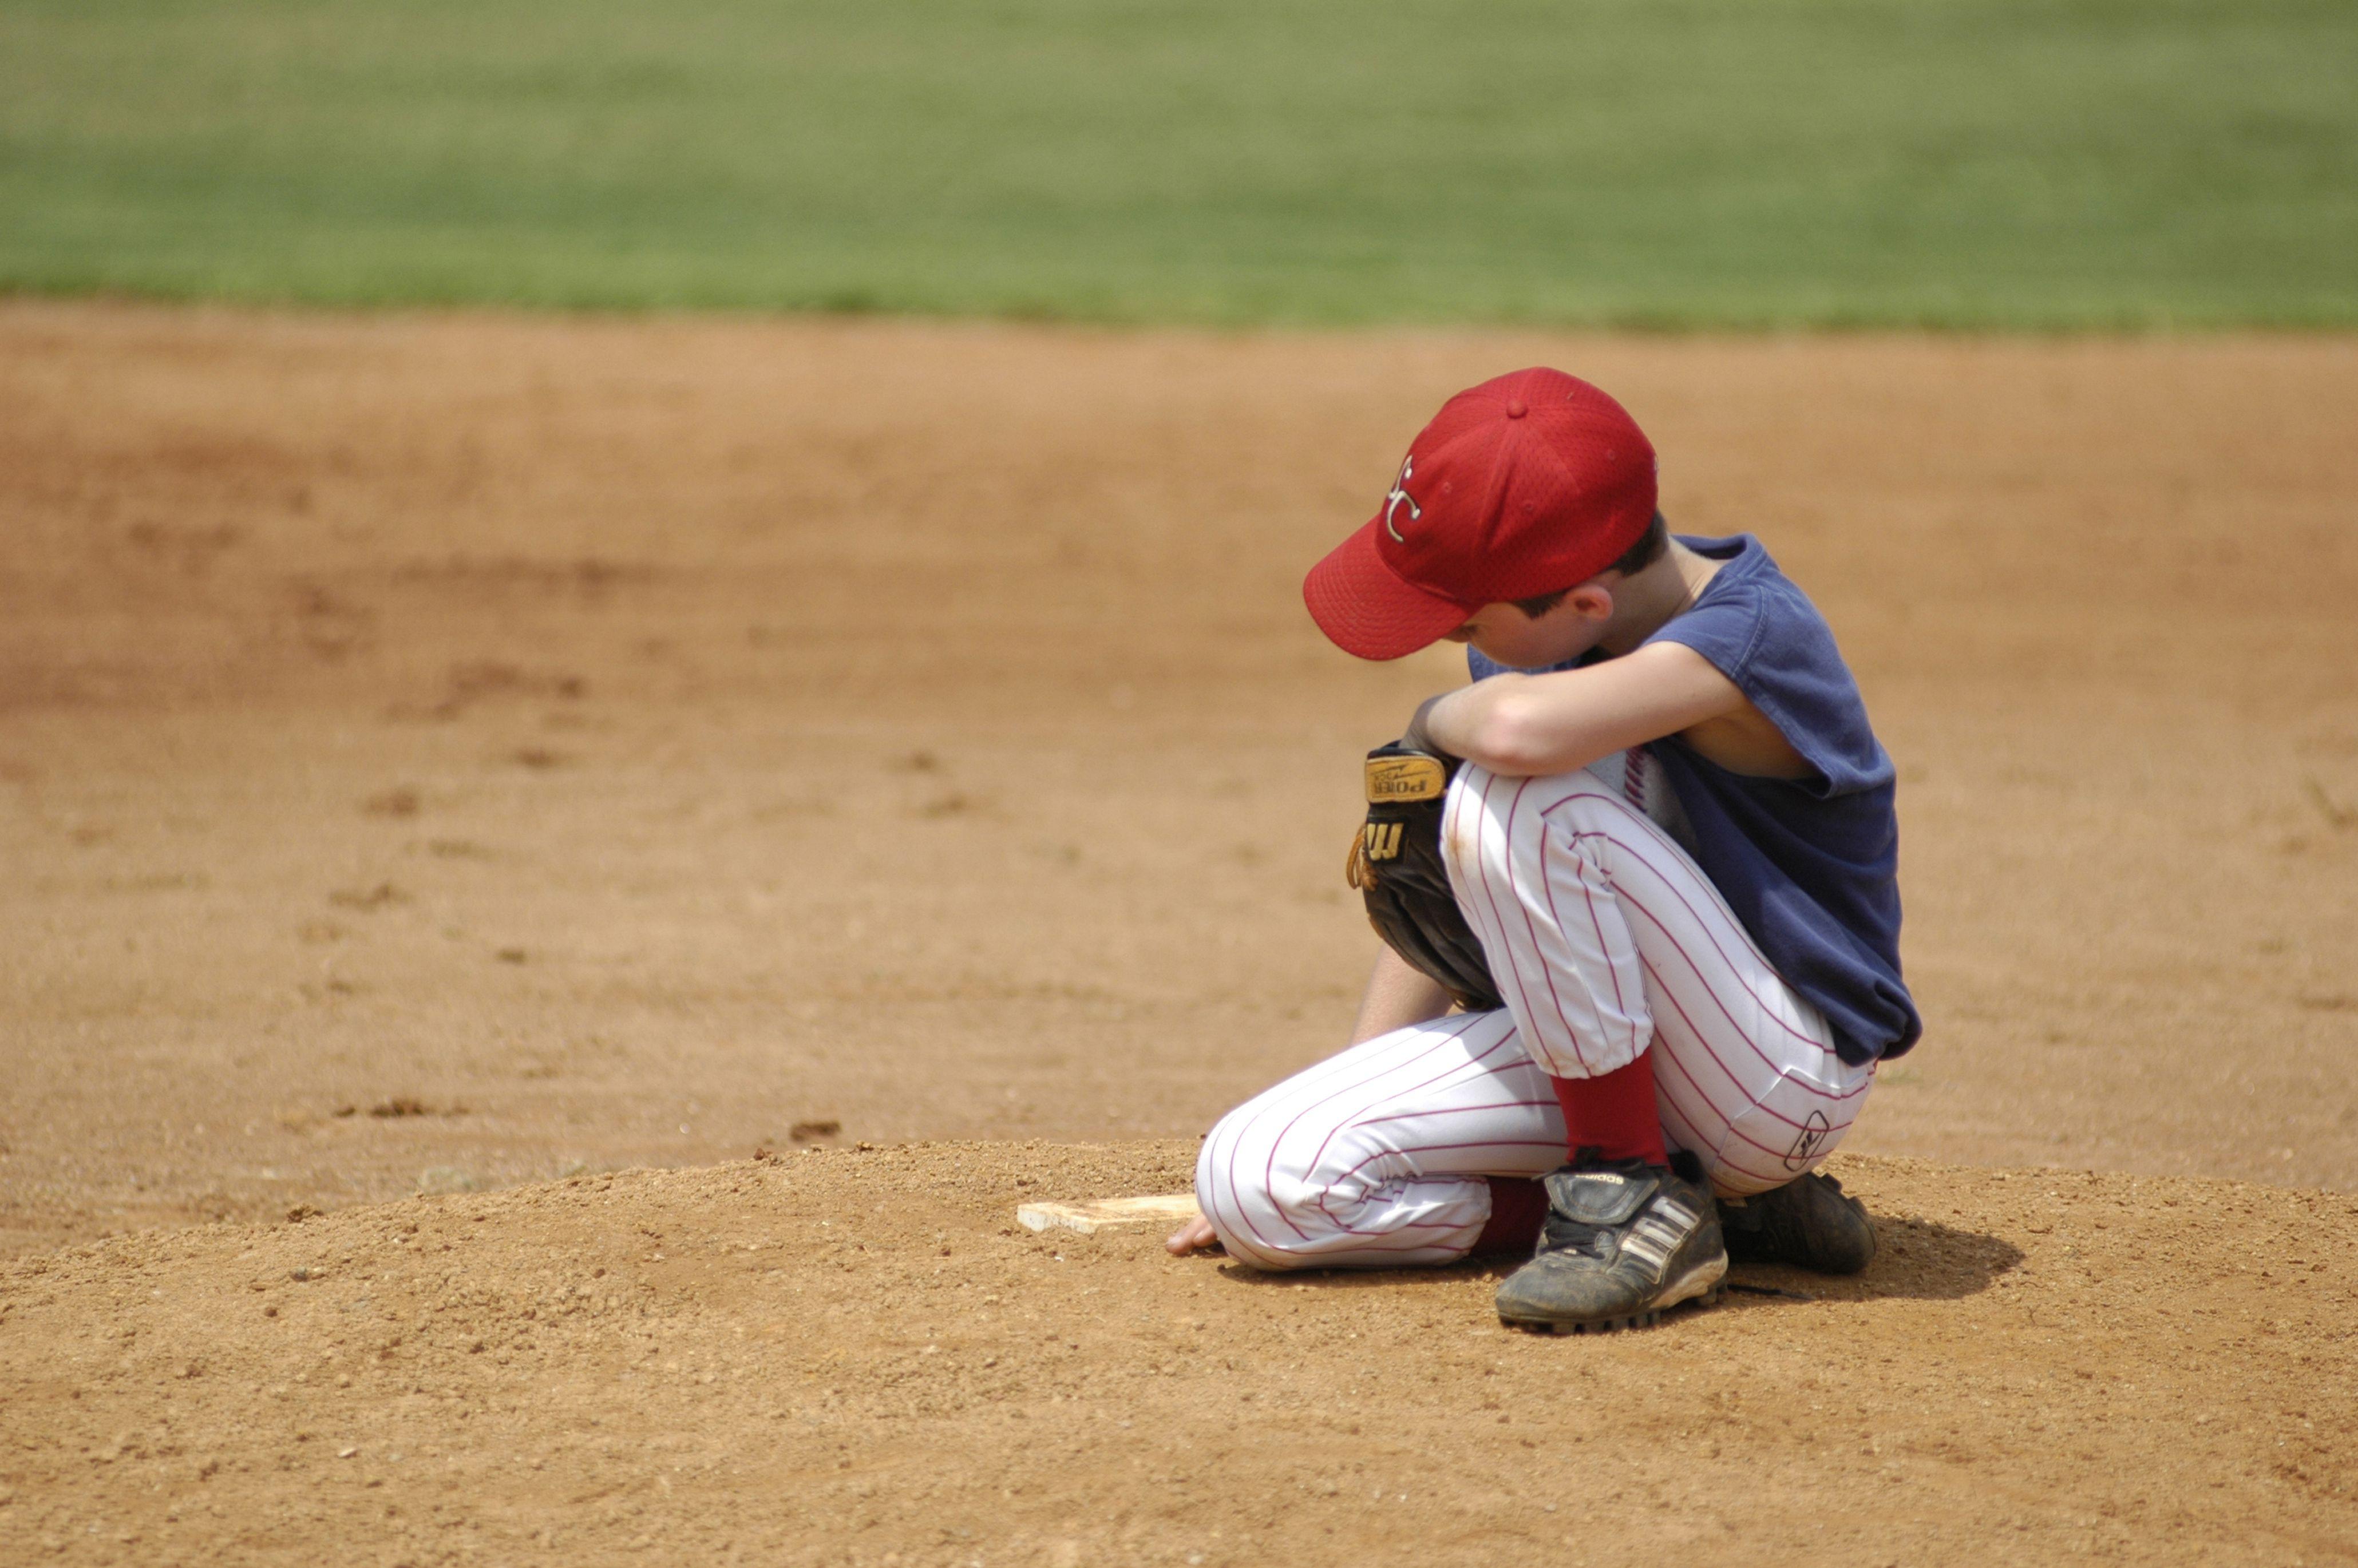 10 tips for raising mentally strong kids